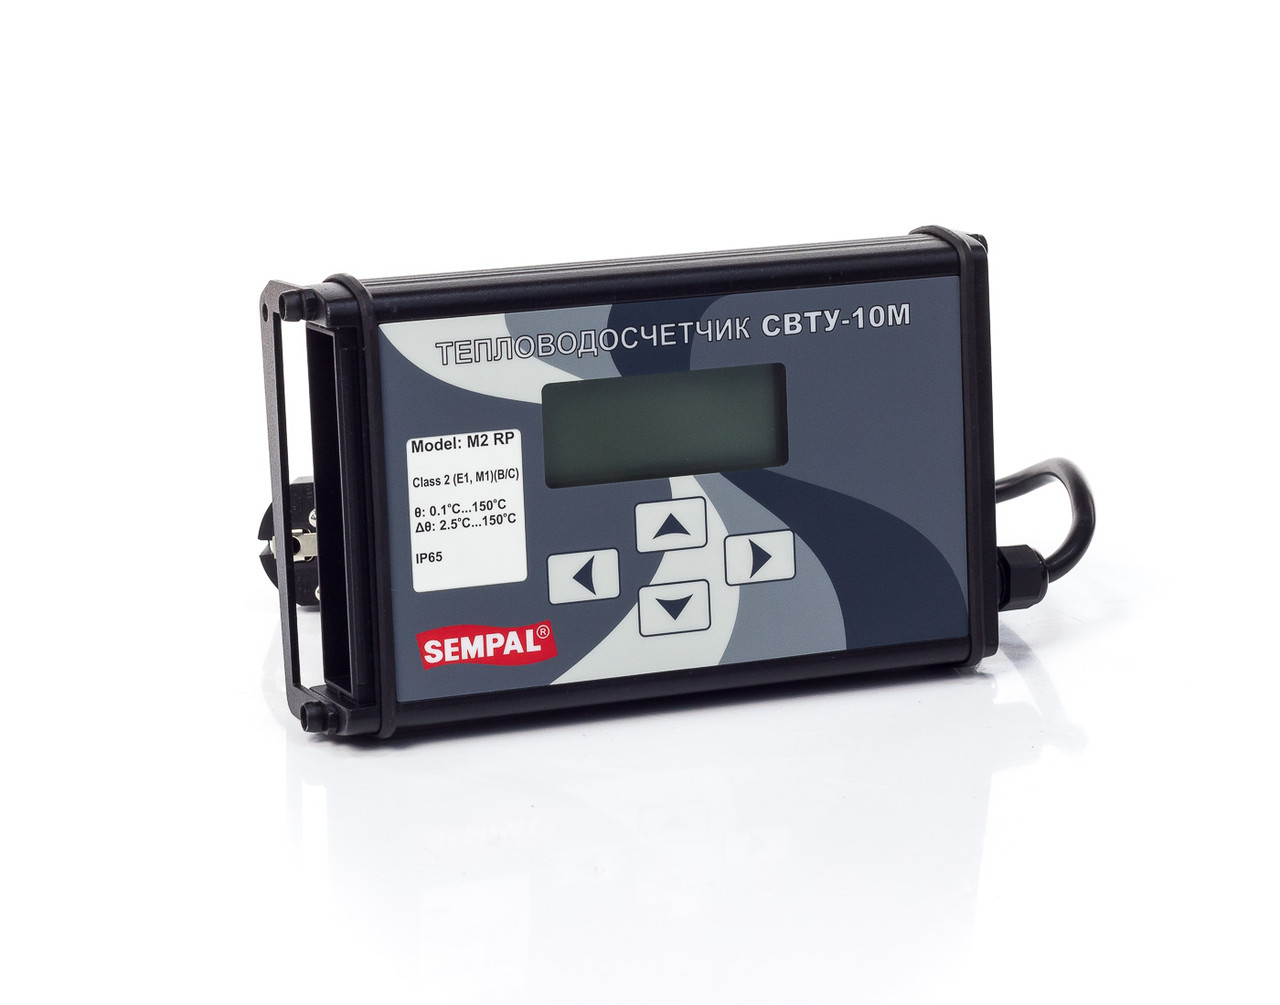 SEMPAL СВТУ-10M M2 RP DN=125 промышленный ультразвуковой теплосчетчик